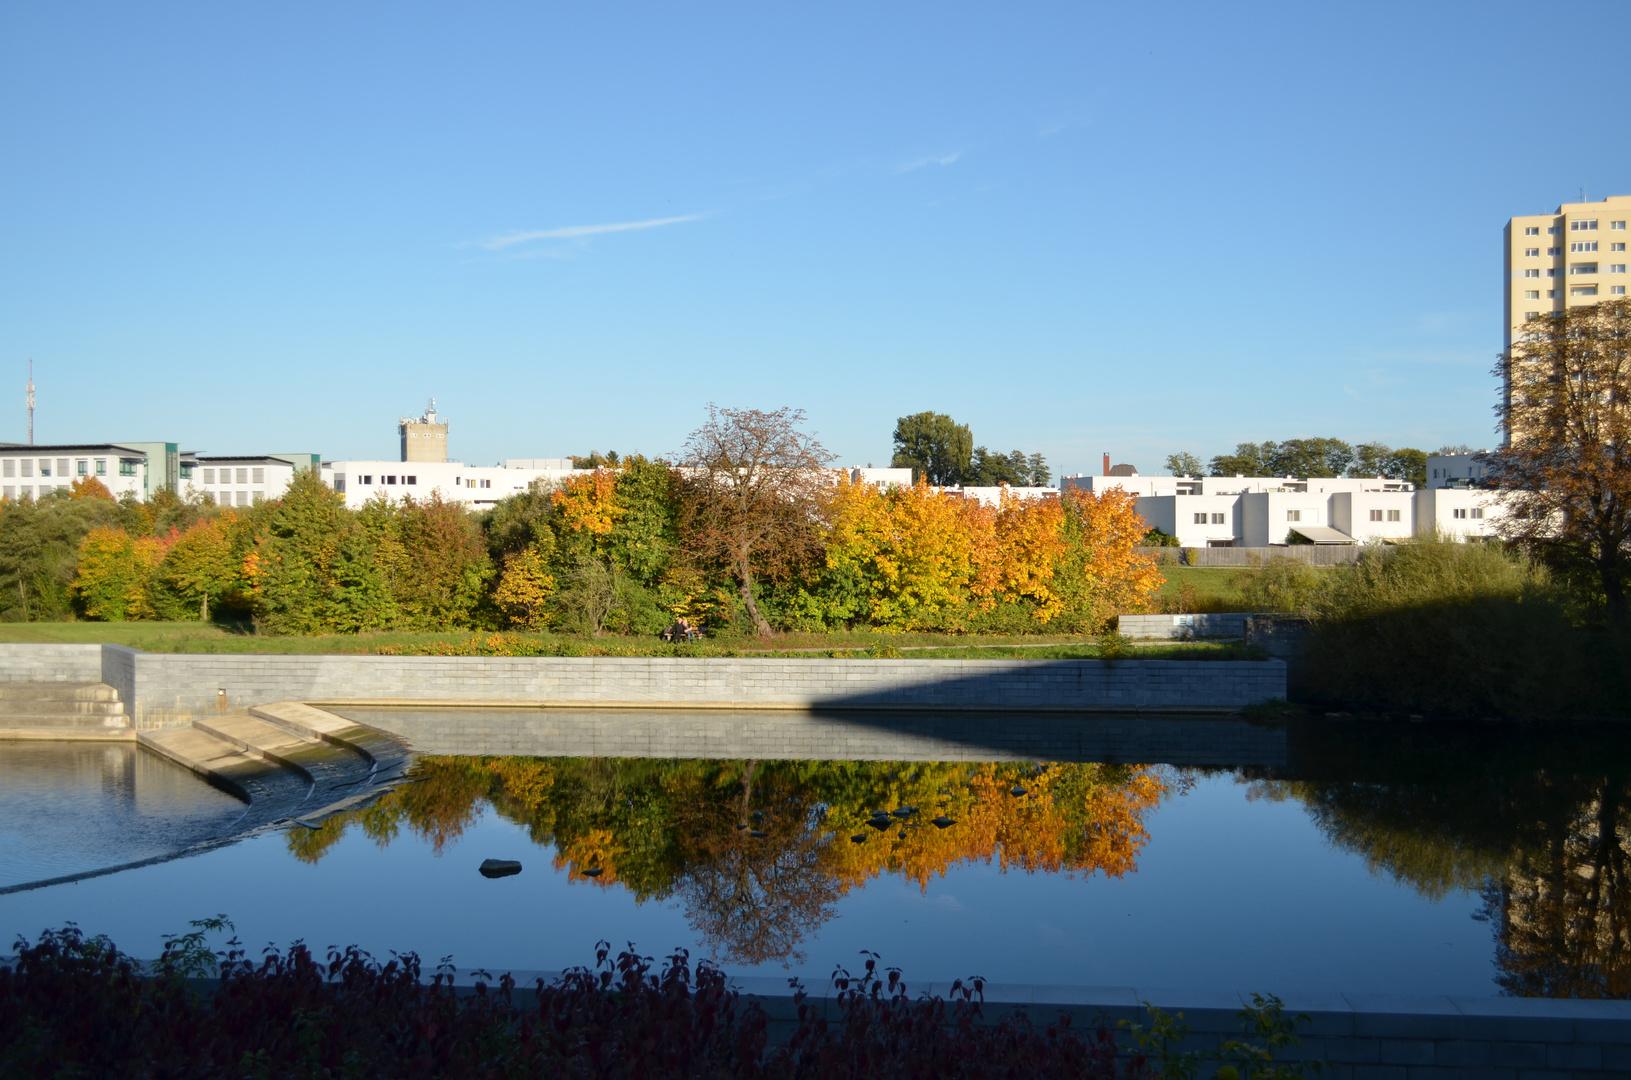 Herbst-Farben im Wasser